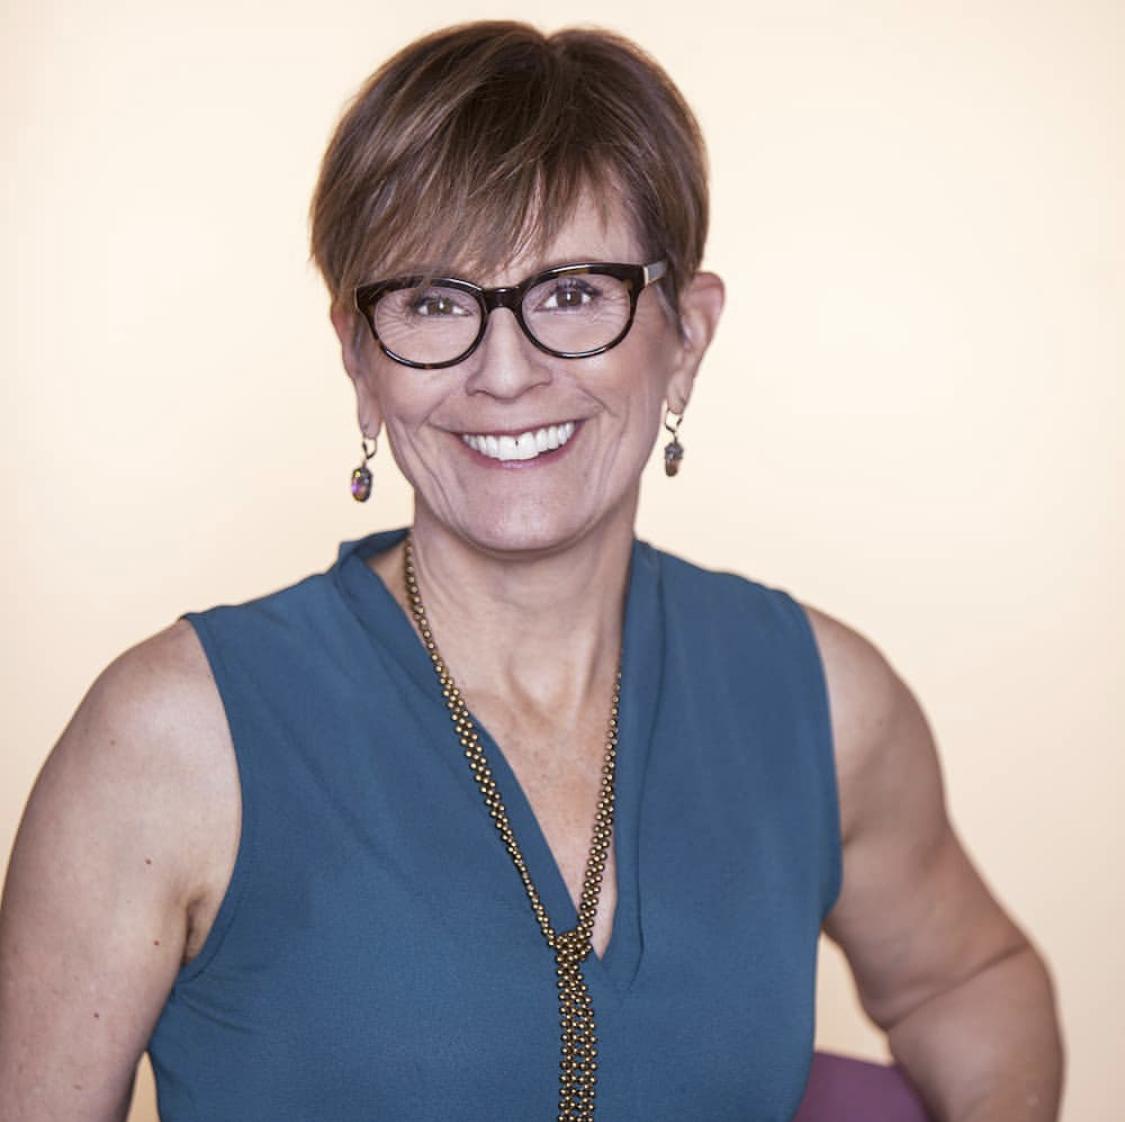 Christy Strauch